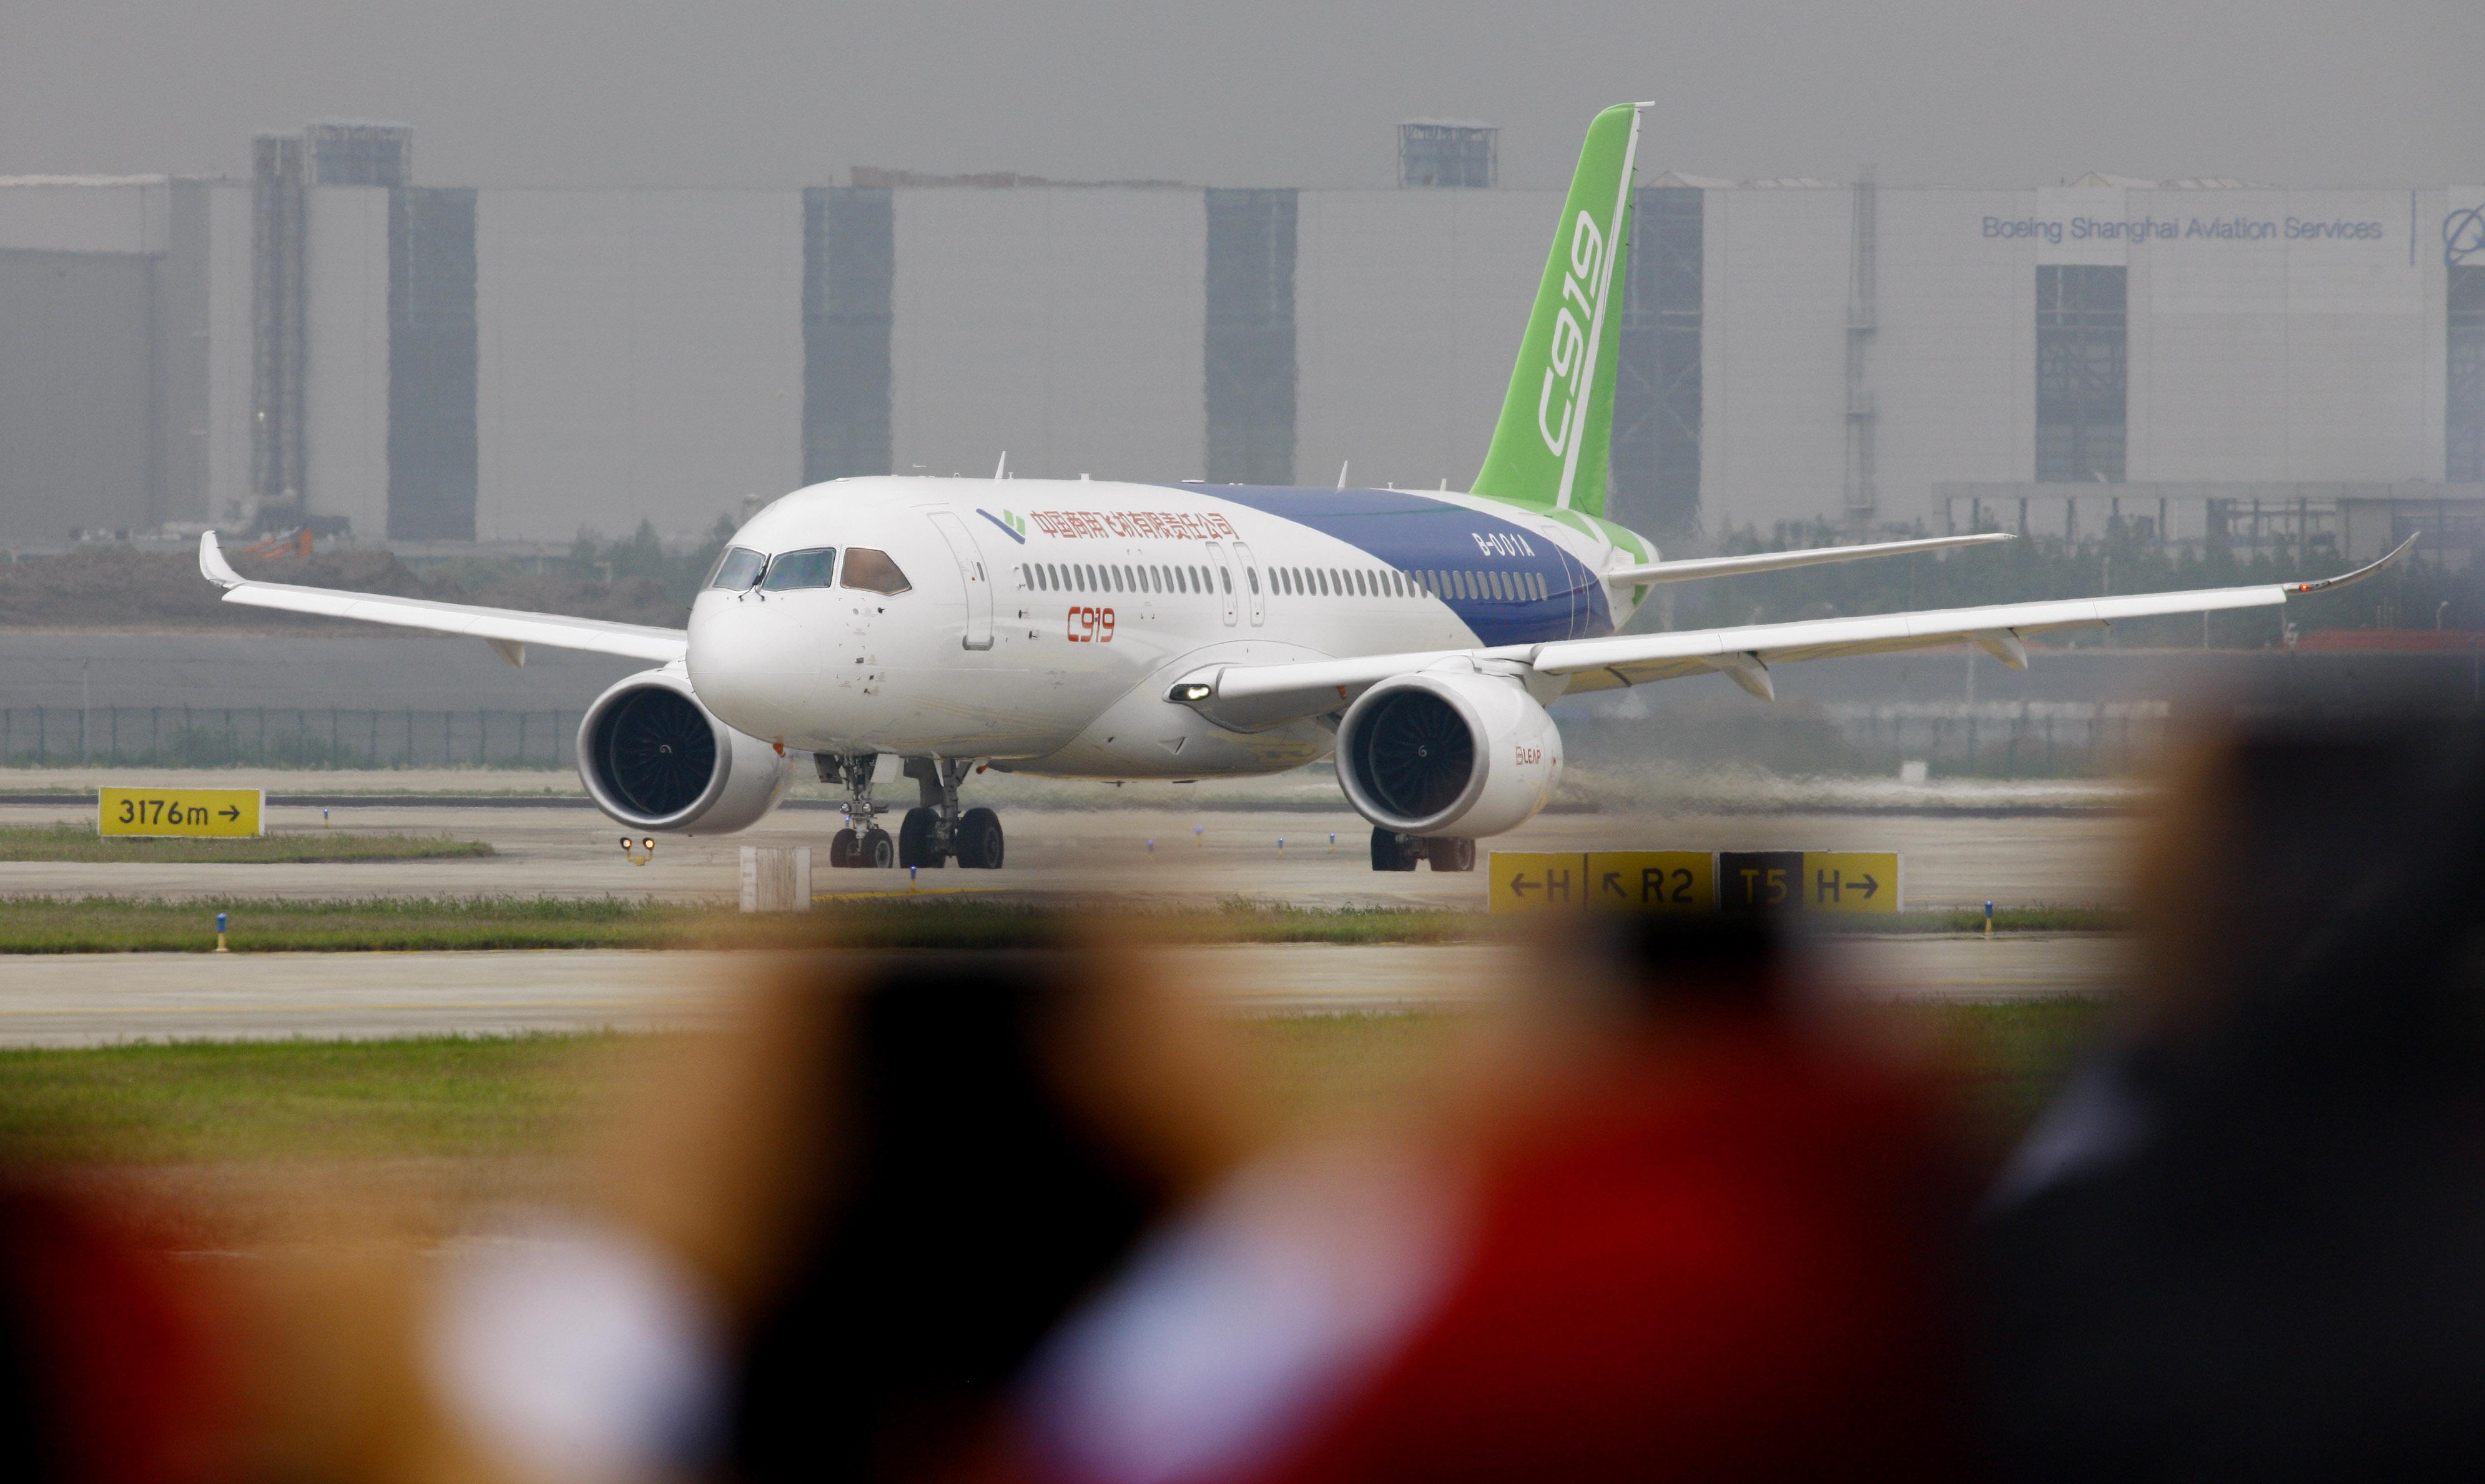 中国首款国际主流水准的干线客机C919在上海浦东国际机场首飞成功(5月5日摄)。 (新华社记者方喆摄)